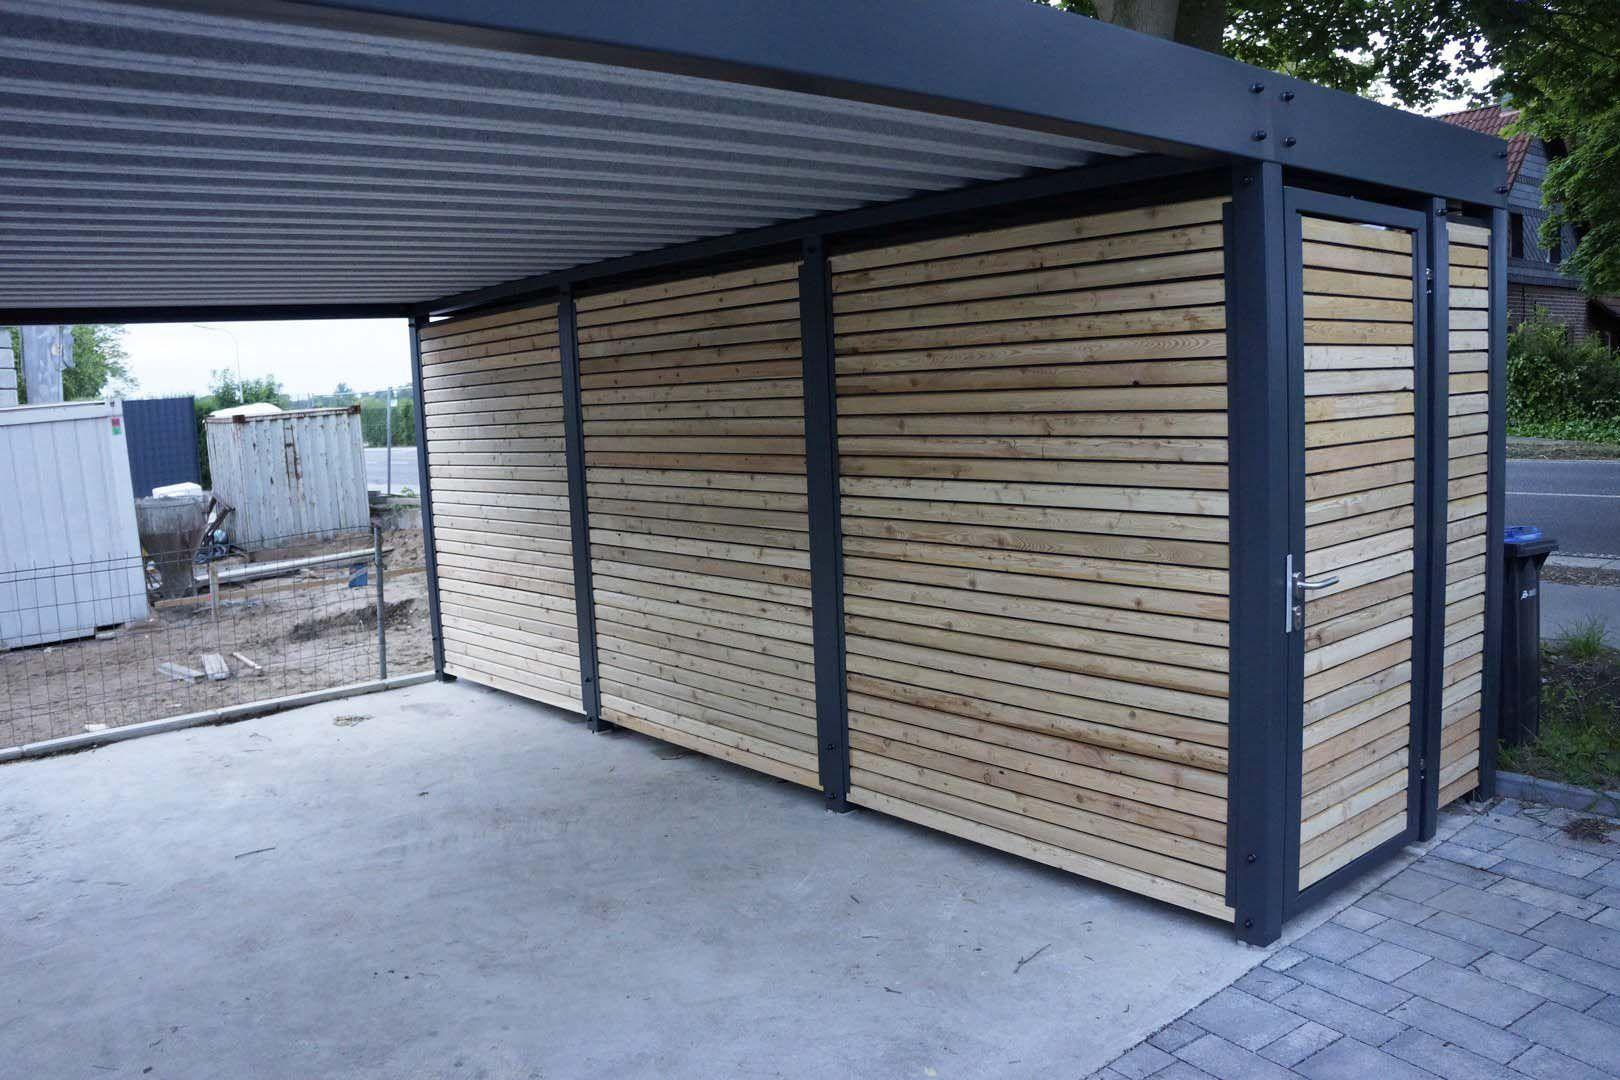 25 Fantastische Holzcarports Garage Carport Mit Schuppen Metall Elegante Seitenwand Fa 1 4 R Terrassena Dach Al In 2020 Carport Mit Schuppen Carport Carport Modern